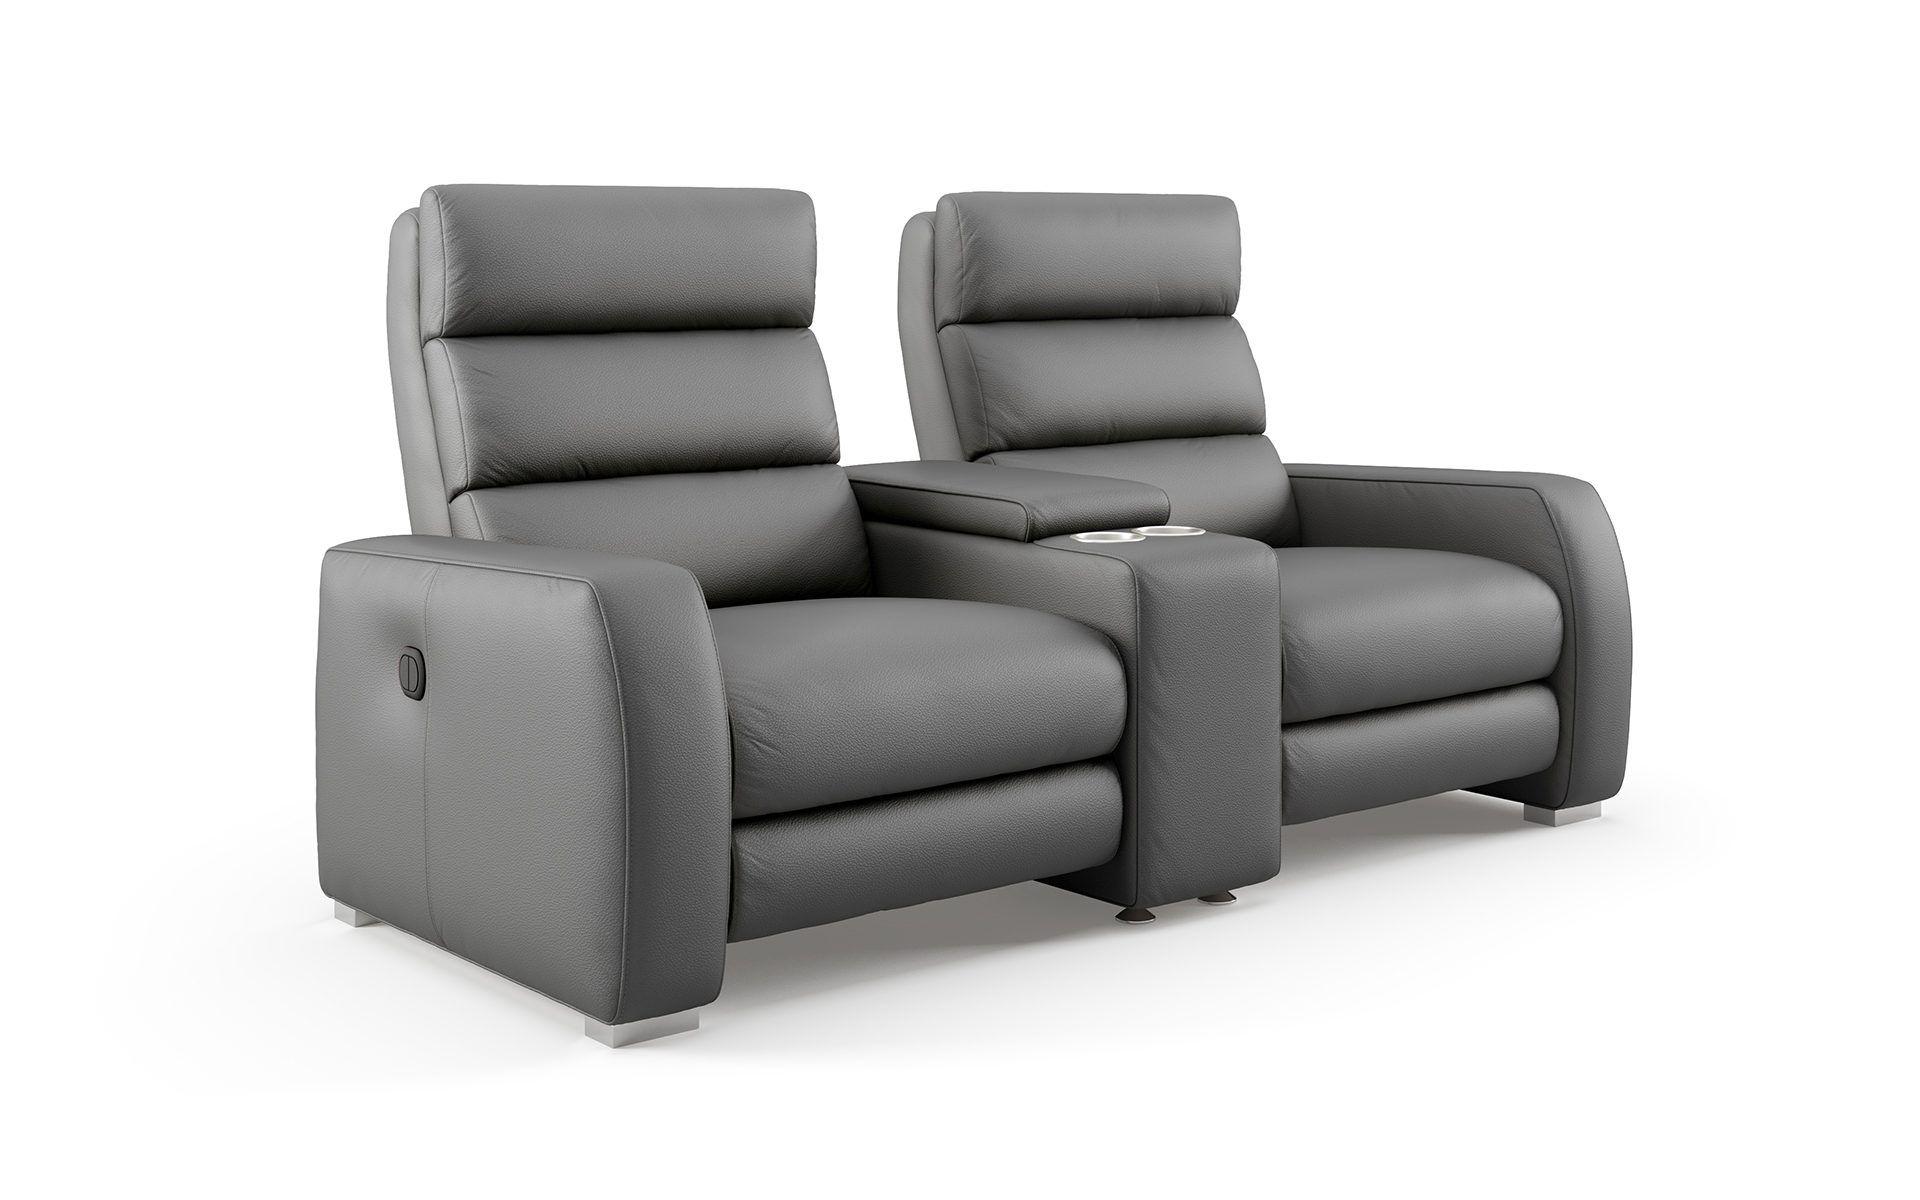 Full Size of Sofa Mit Relaxfunktion Elektrisch 3 2 1 Sitzer U Form Xxl Hersteller Bett Stauraum Schlaffunktion Leinen Elektrischer Sitztiefenverstellung Schillig Sofa Sofa Mit Relaxfunktion Elektrisch